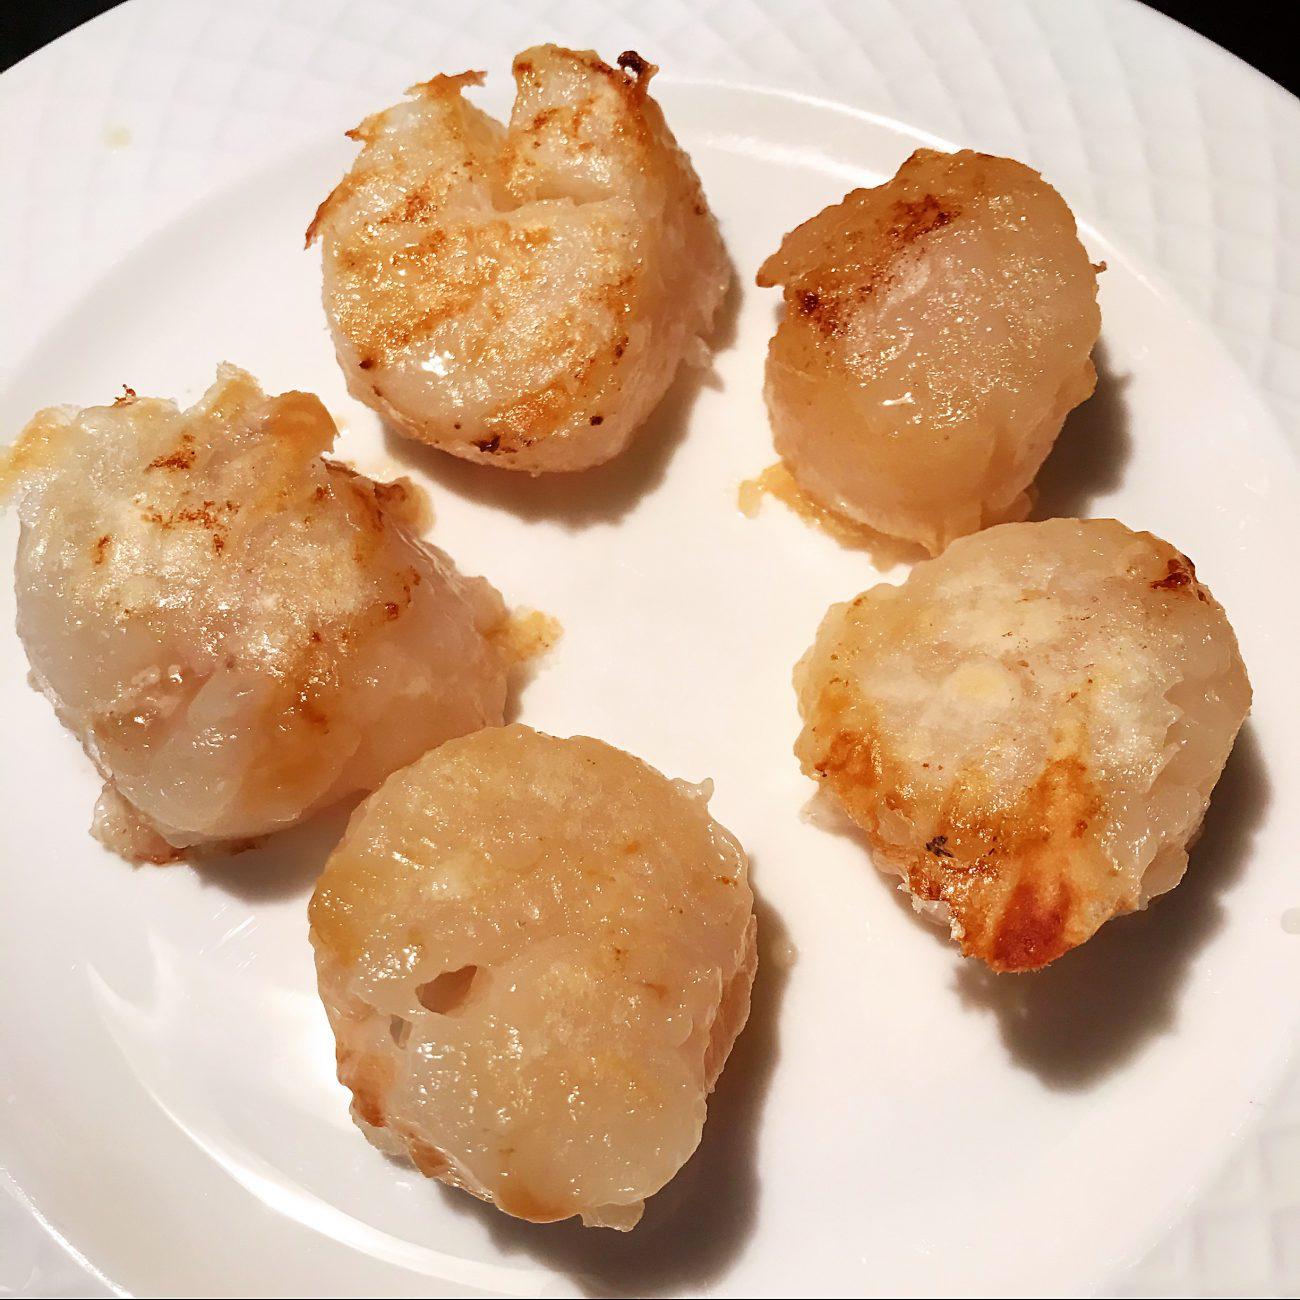 Grilled jumbo scallops